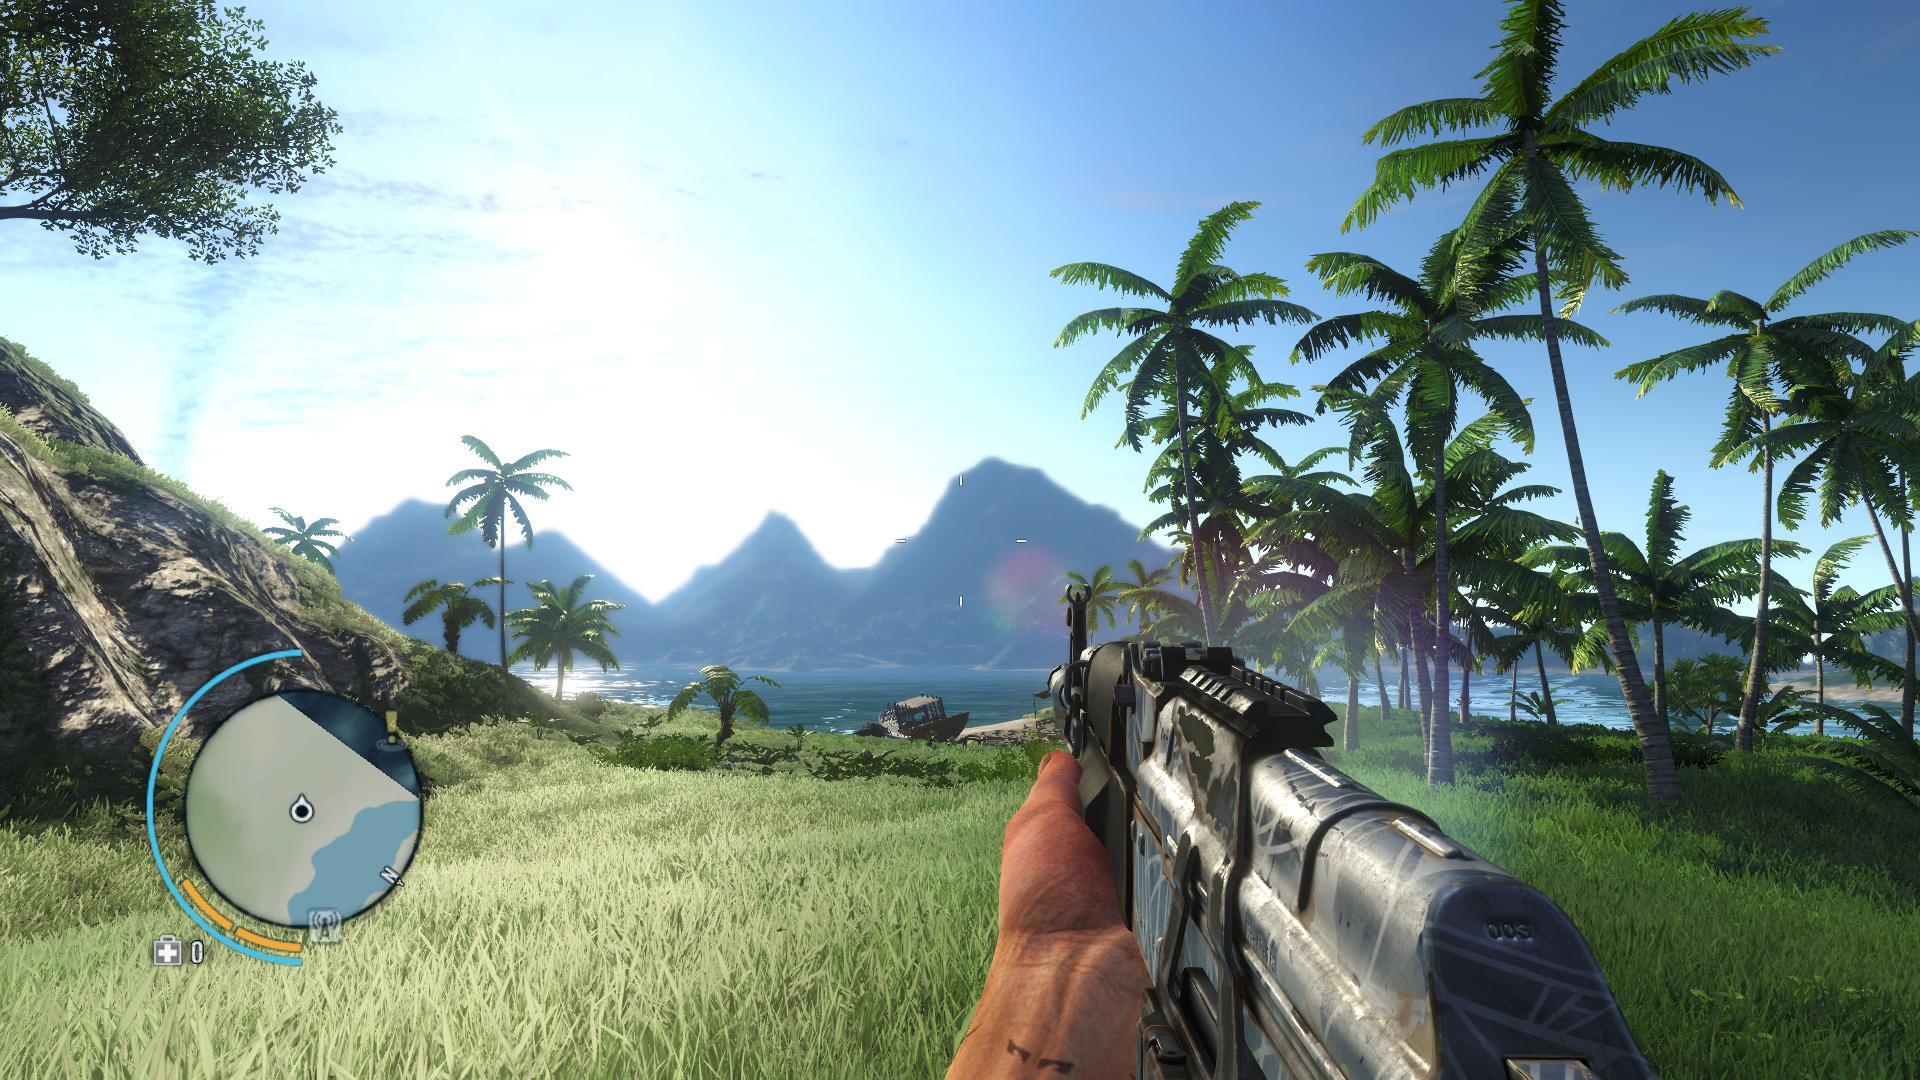 farcry3 d3d11 2012 12 04 17 53 12 54 - Recensione - Far Cry 3